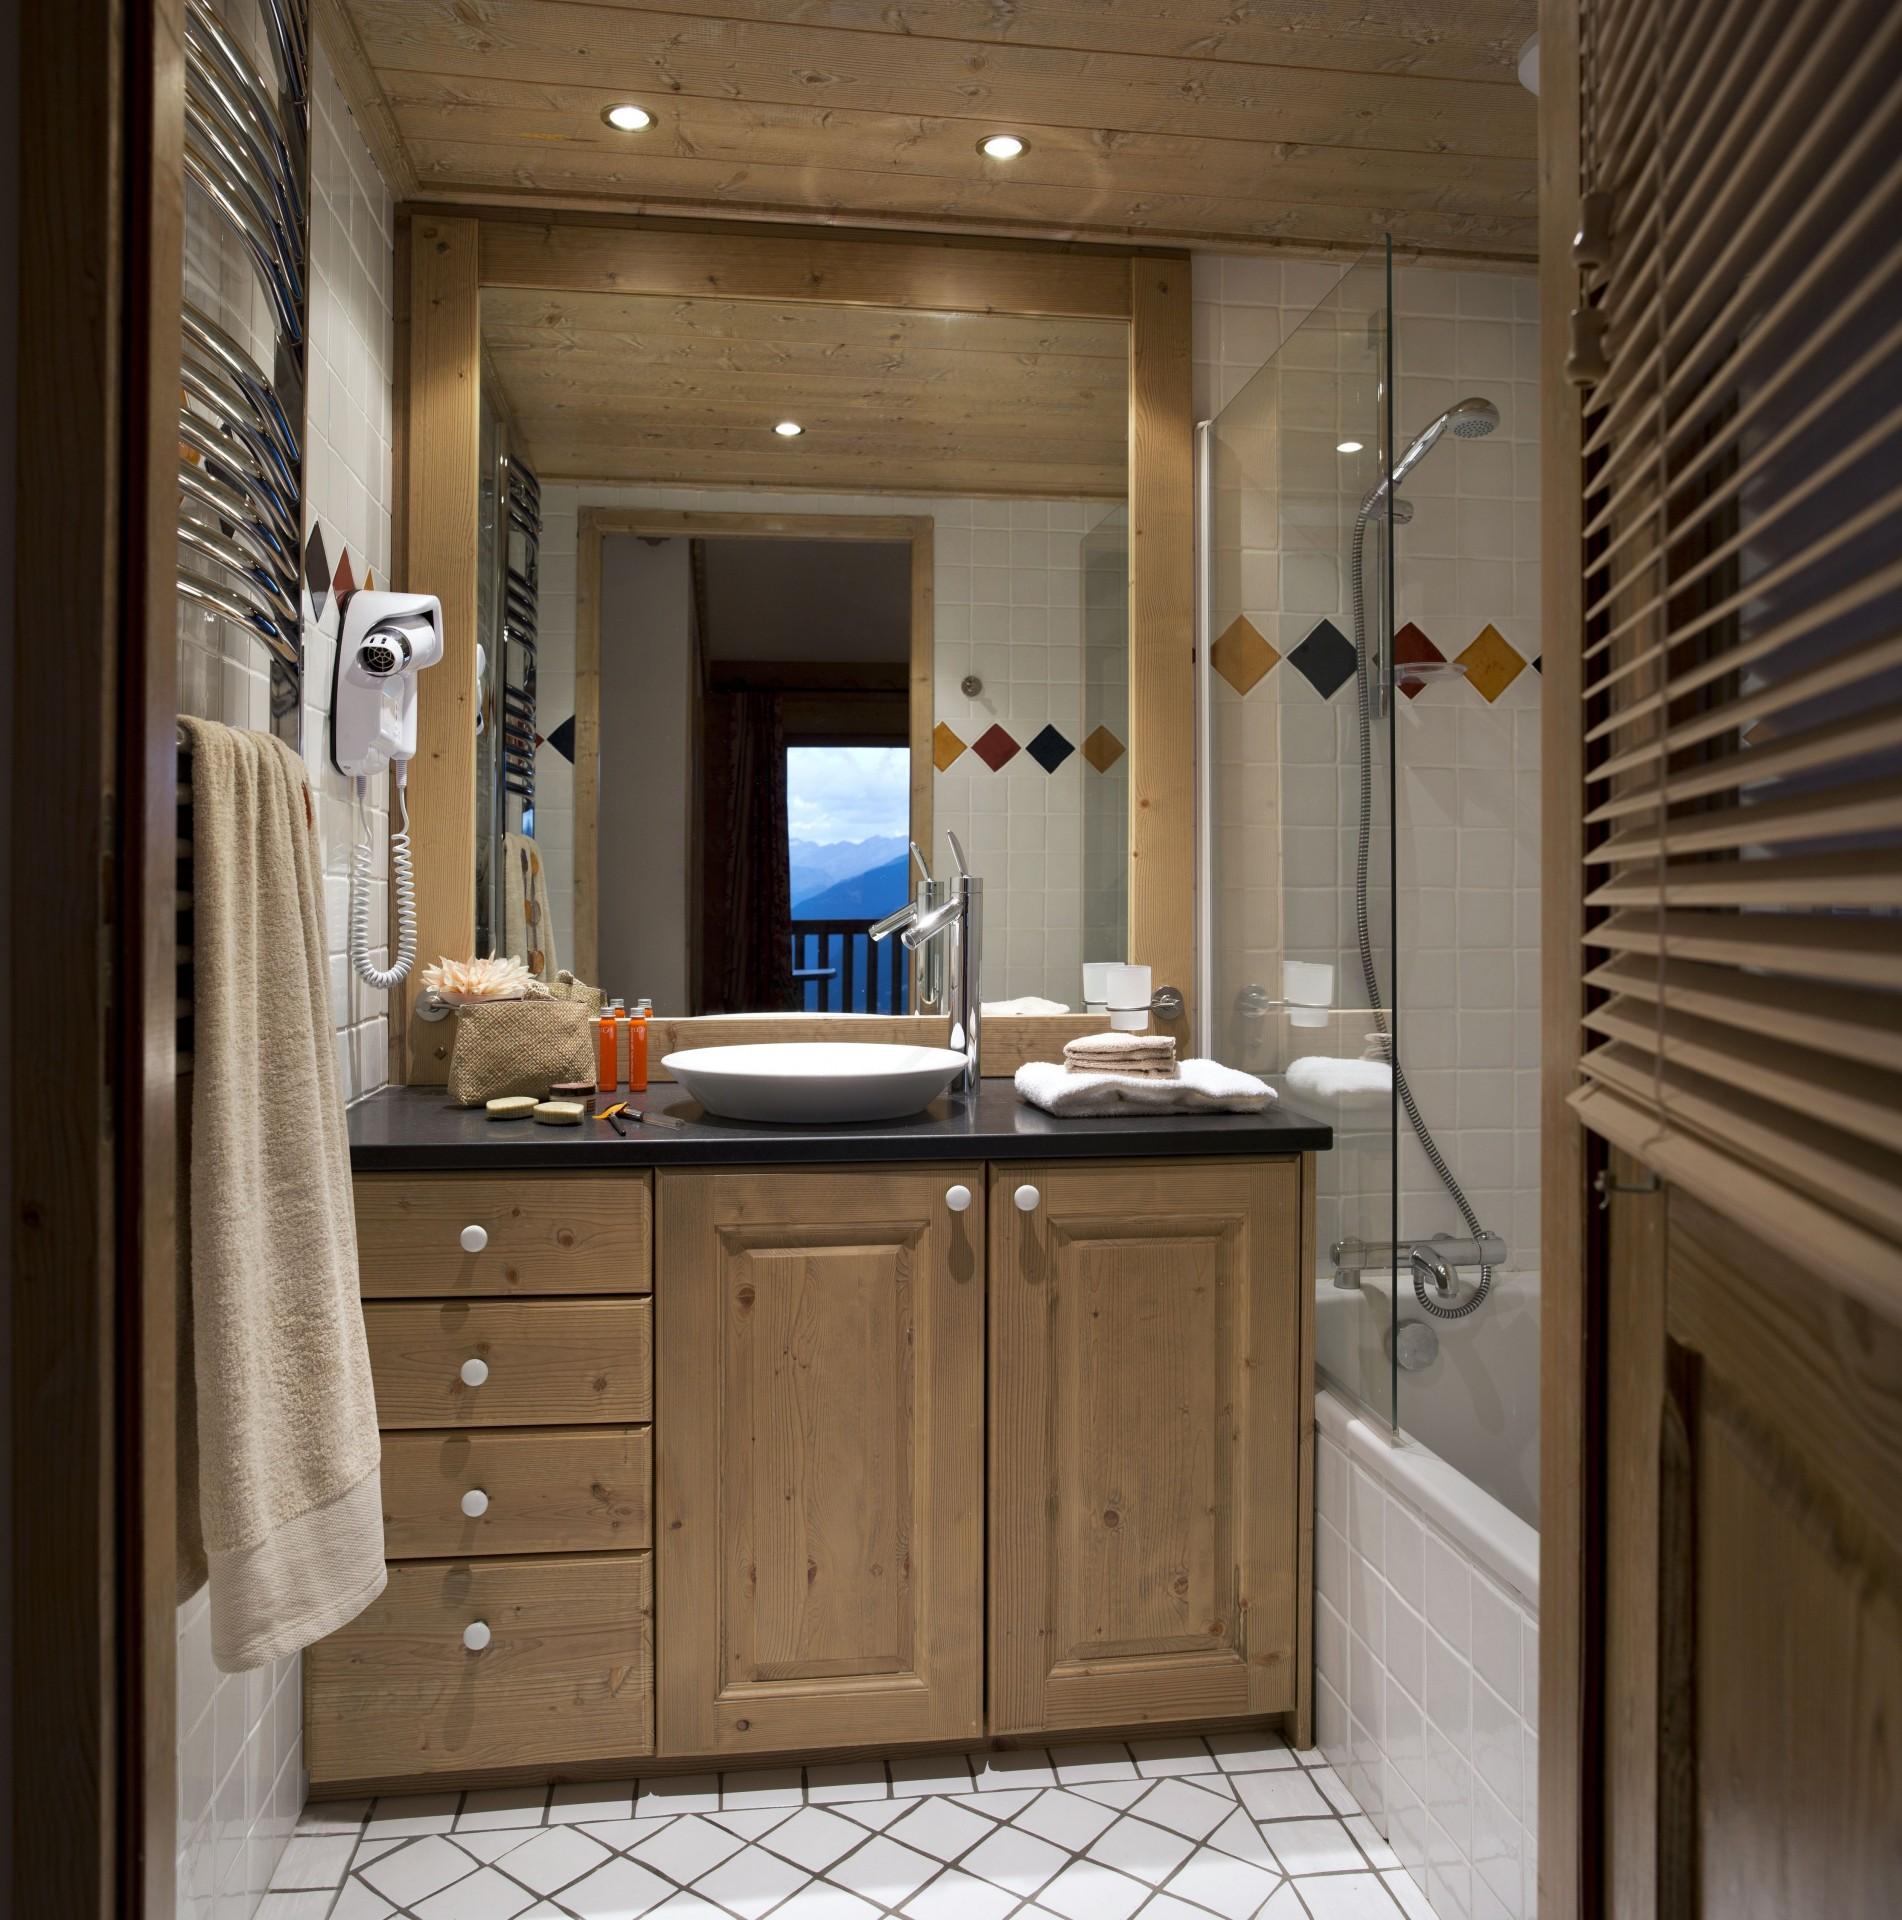 La Plagne Location Appartement Dans Résidence Luxe Jalute Salle De Bain